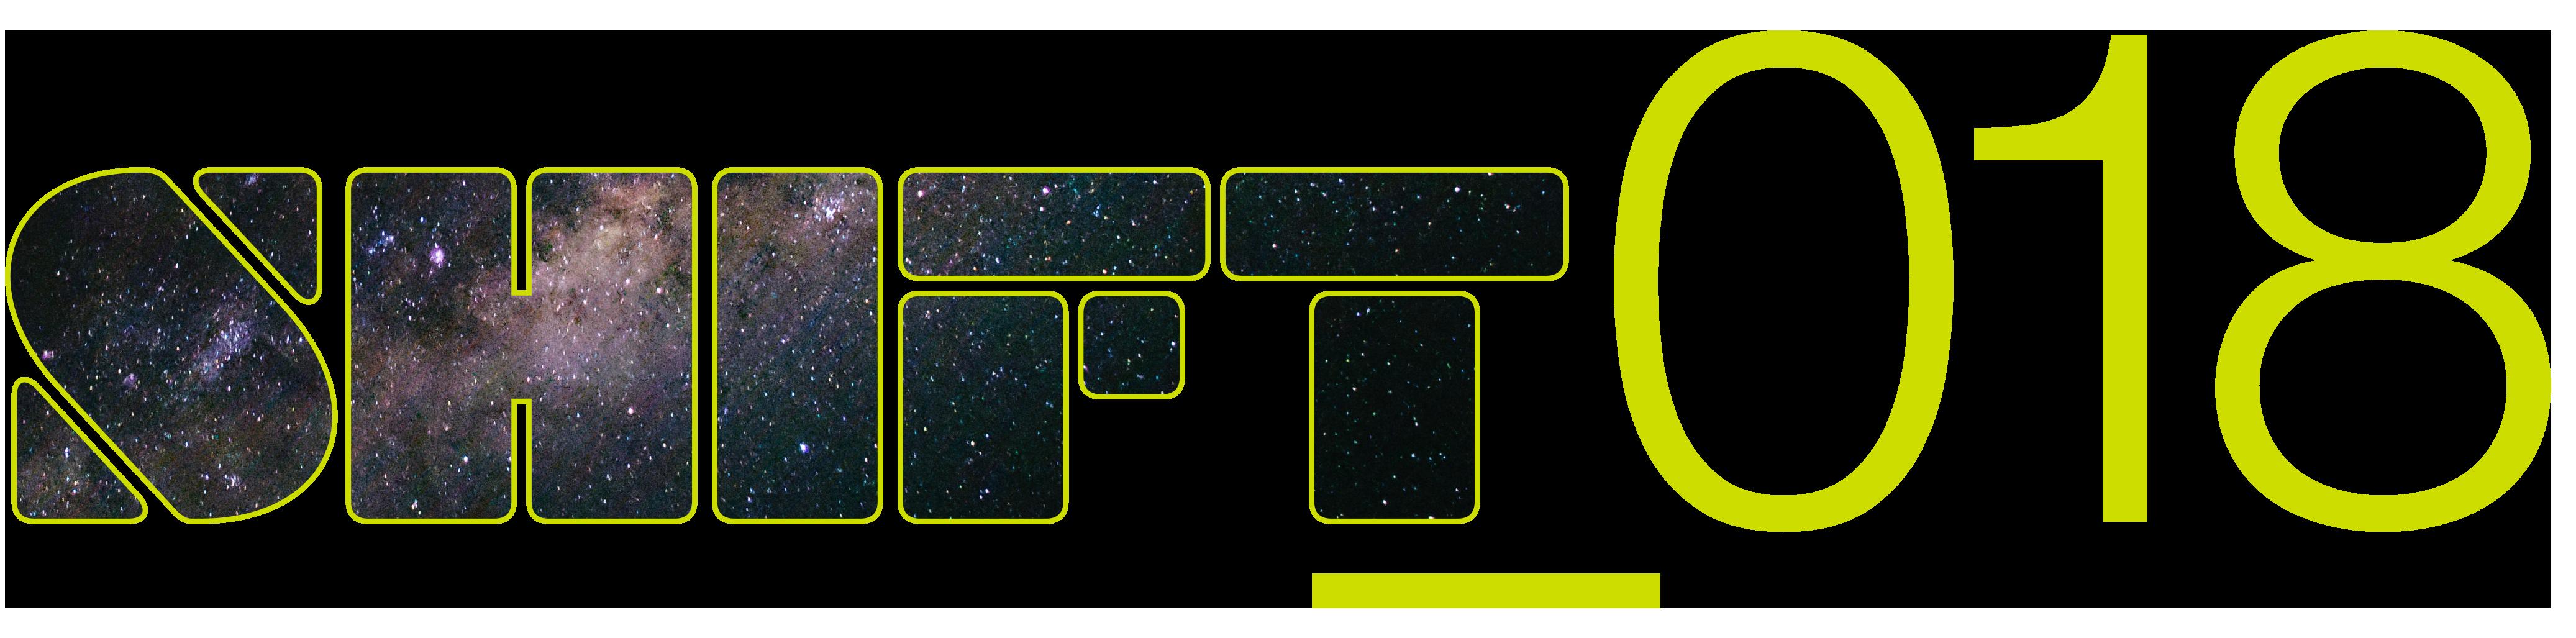 Shift-018 Banner Image